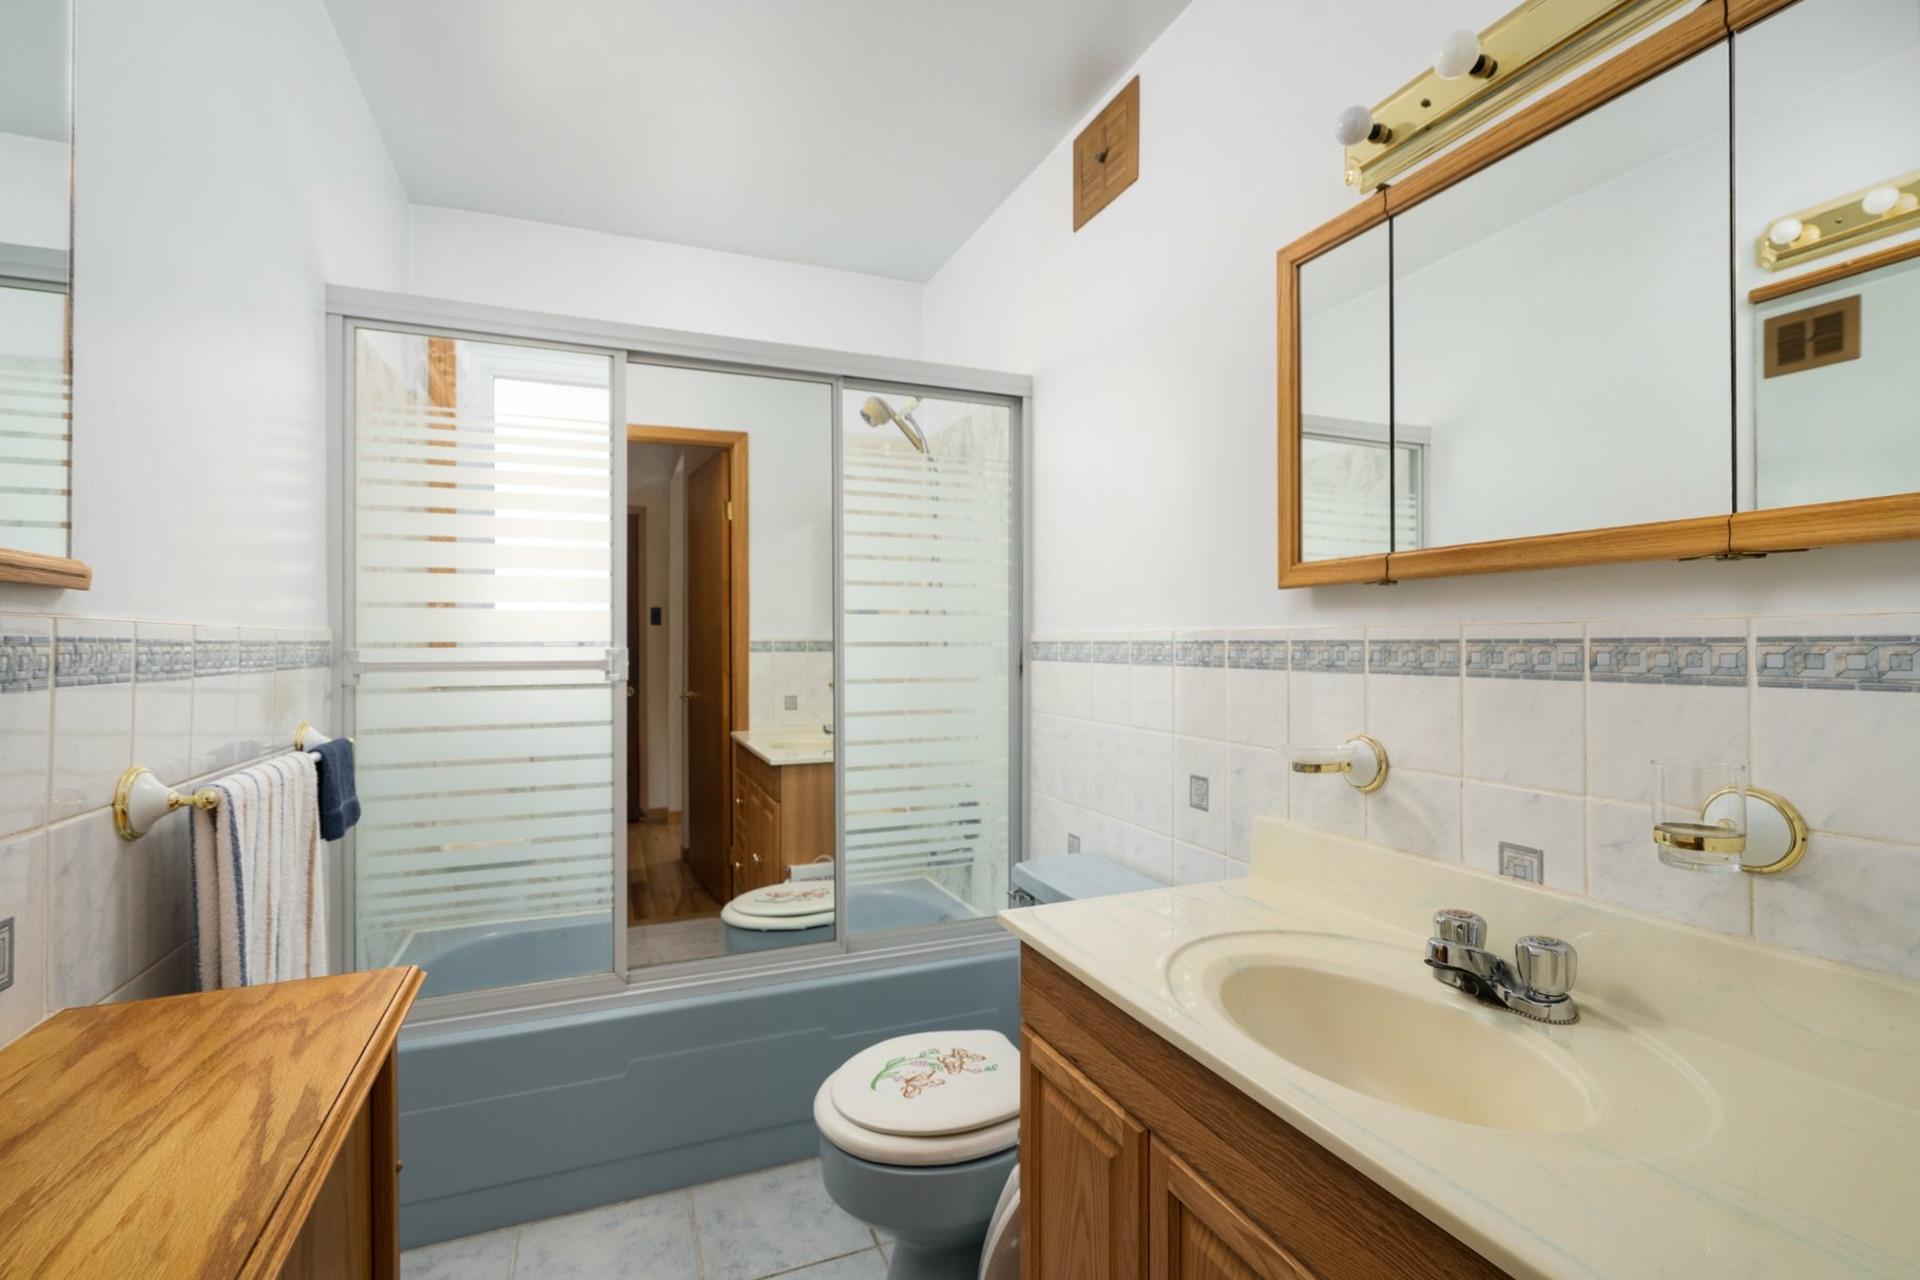 image 8 - House For sale Saint-Laurent Montréal  - 9 rooms